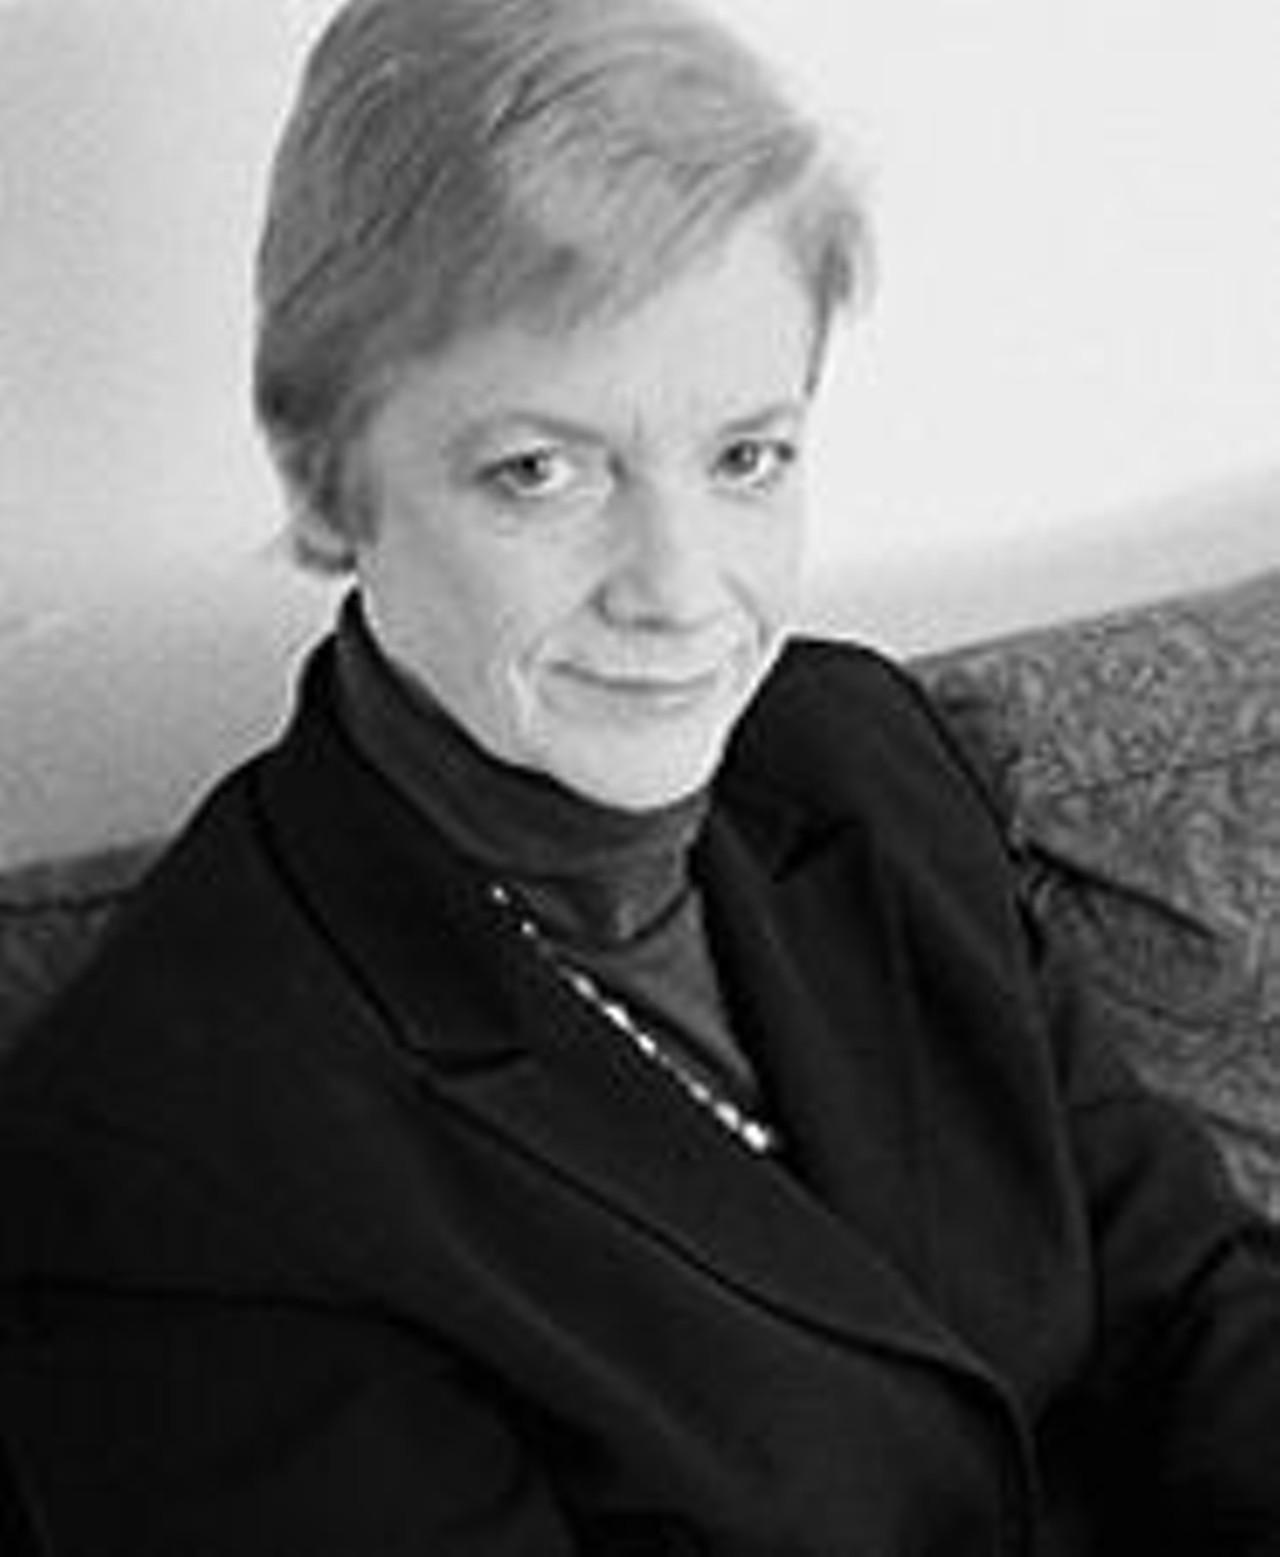 Elizabeth Van Uum